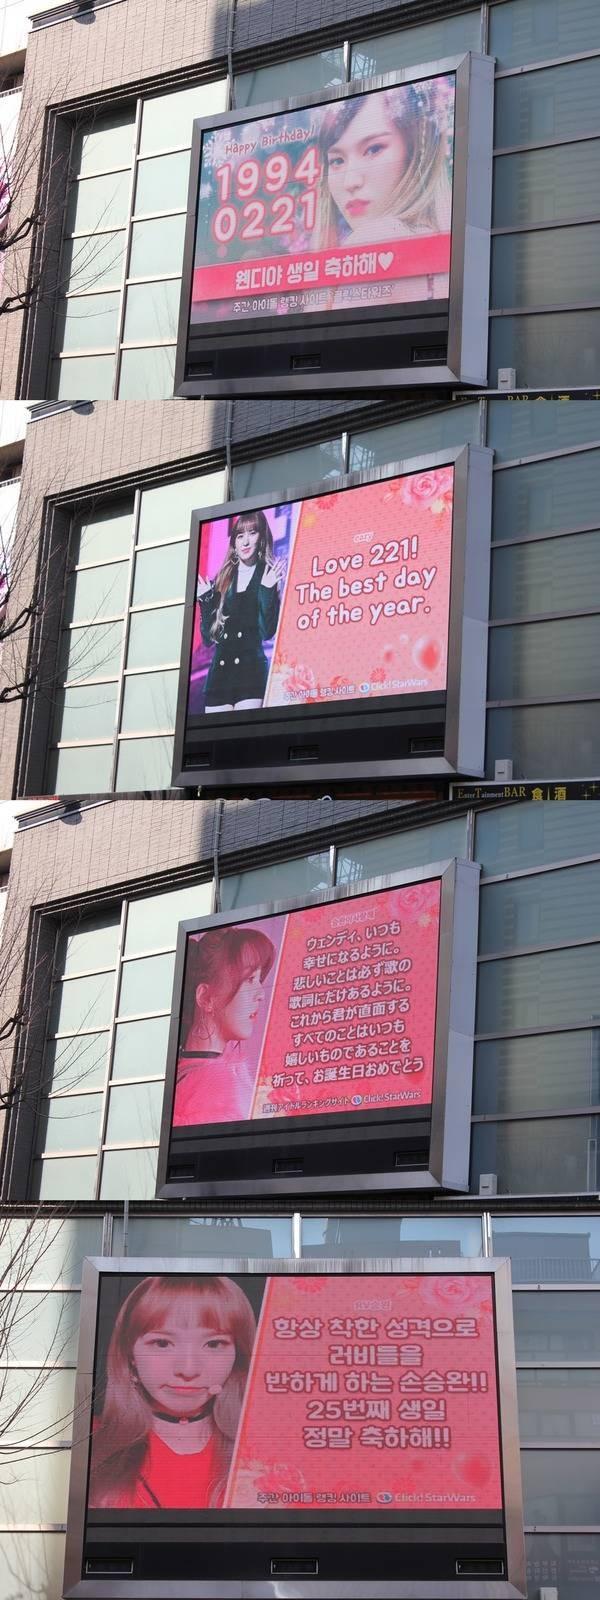 레드벨벳 웬디, 韓·日 물들인 생일 축하 전광판 '레베럽의 선물'